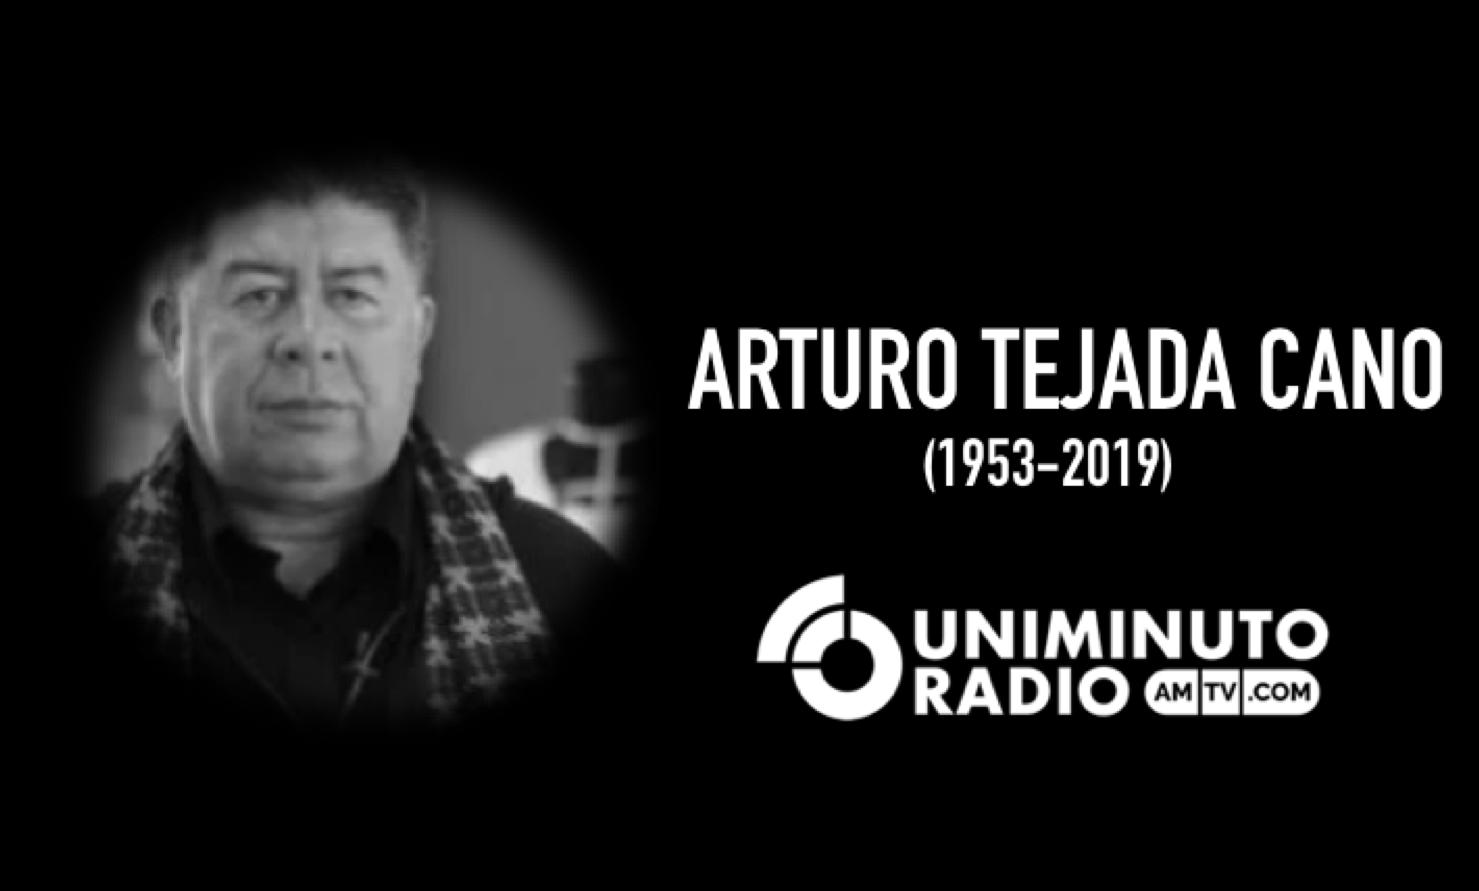 Arturo Tejada Cano,un hombre que marcó un legado en la moda y el diseño